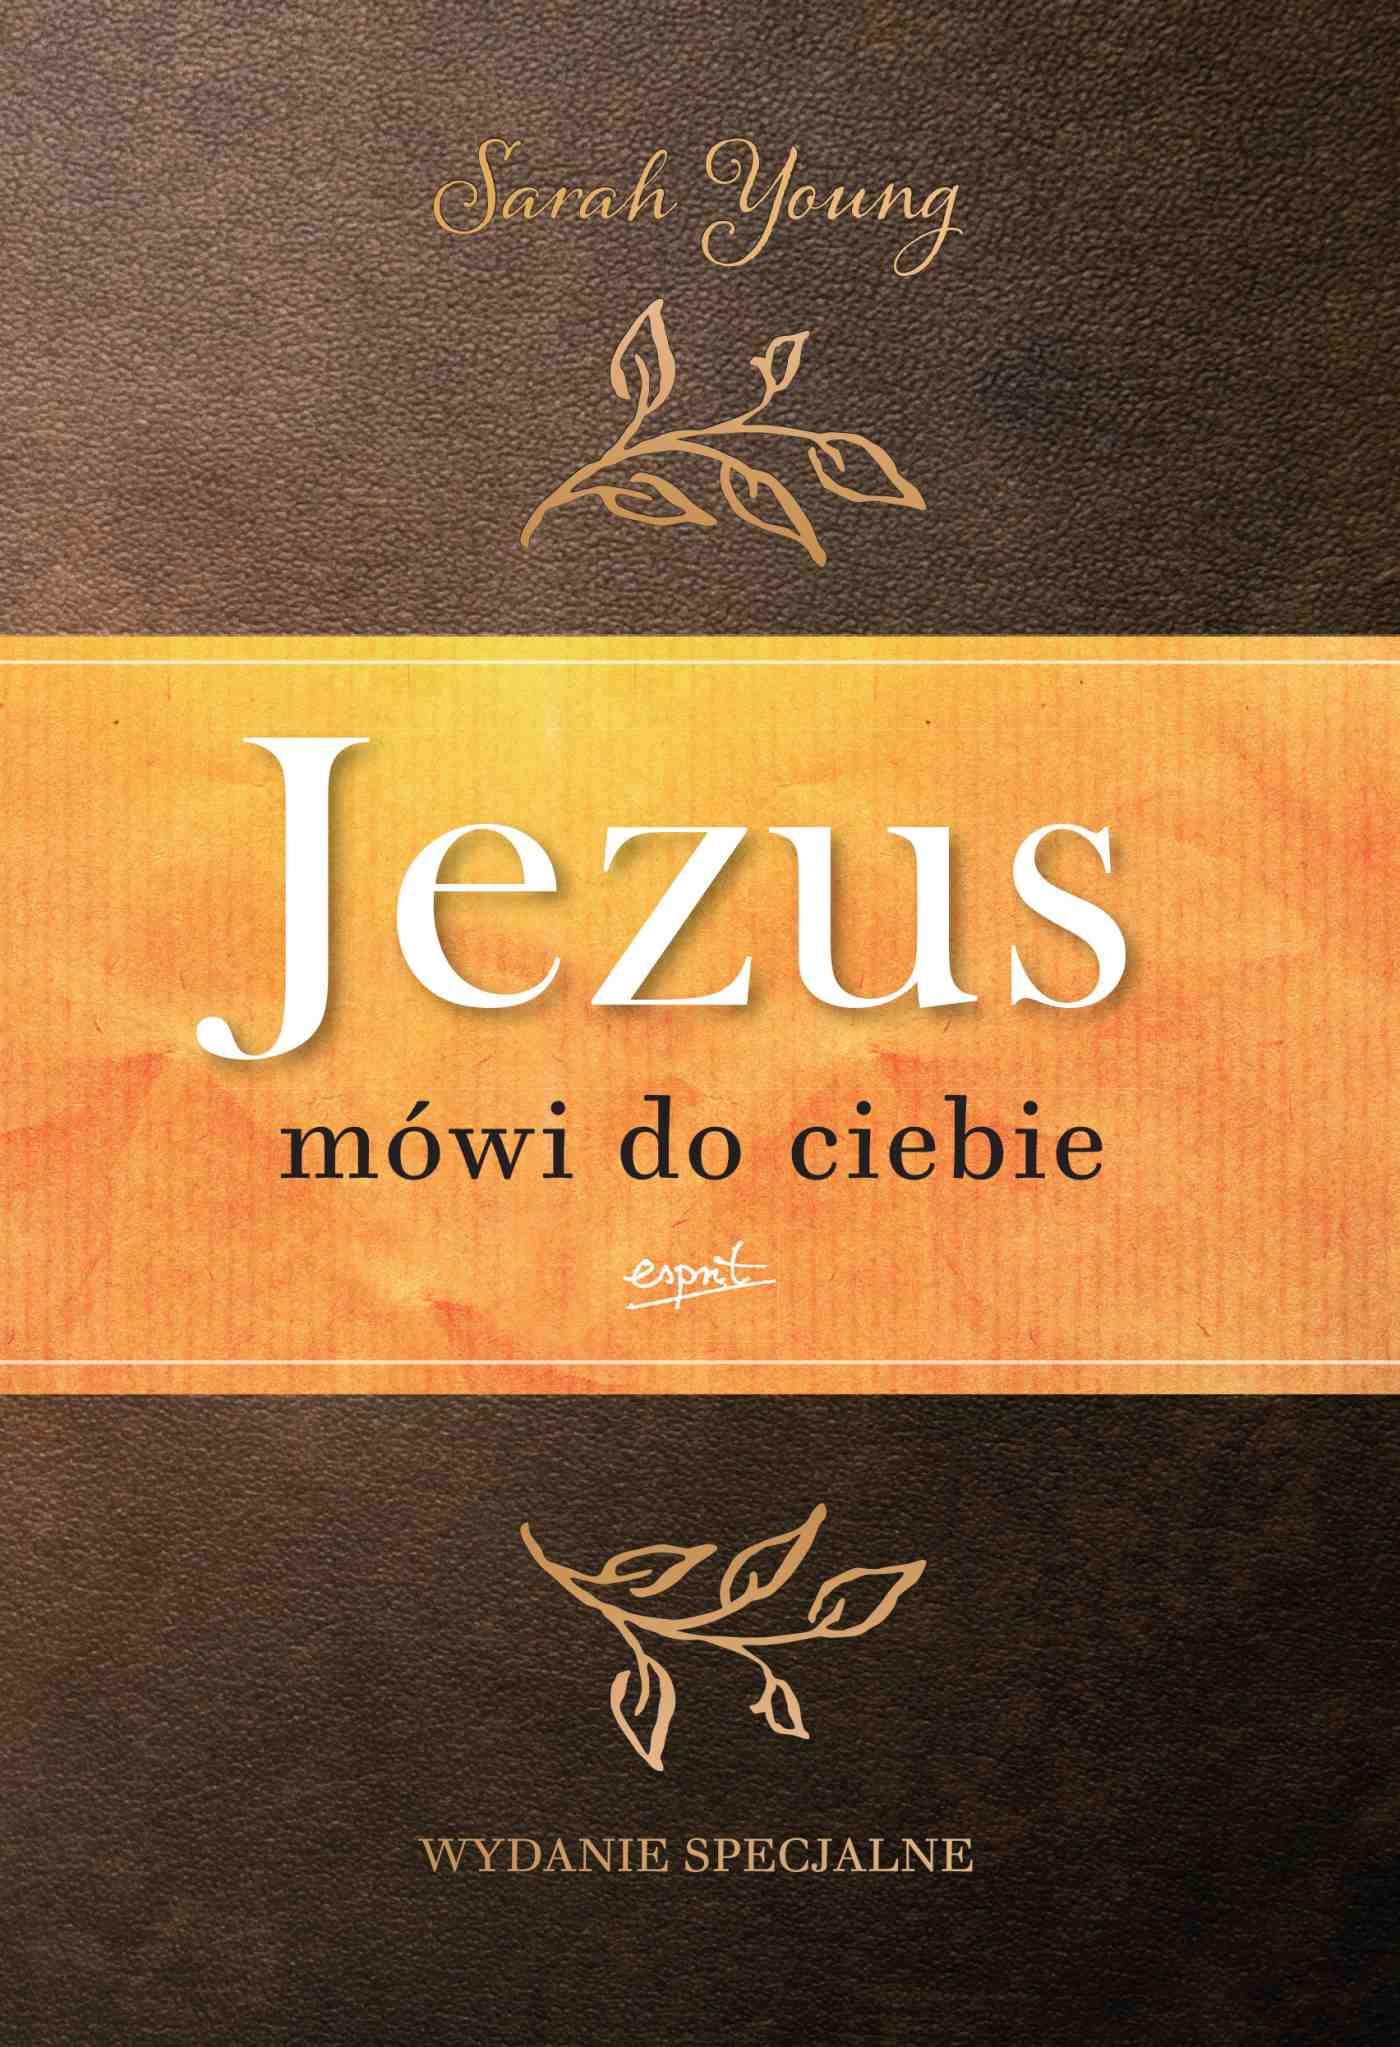 Jezus mówi do ciebie. Wydanie specjalne - Ebook (Książka EPUB) do pobrania w formacie EPUB